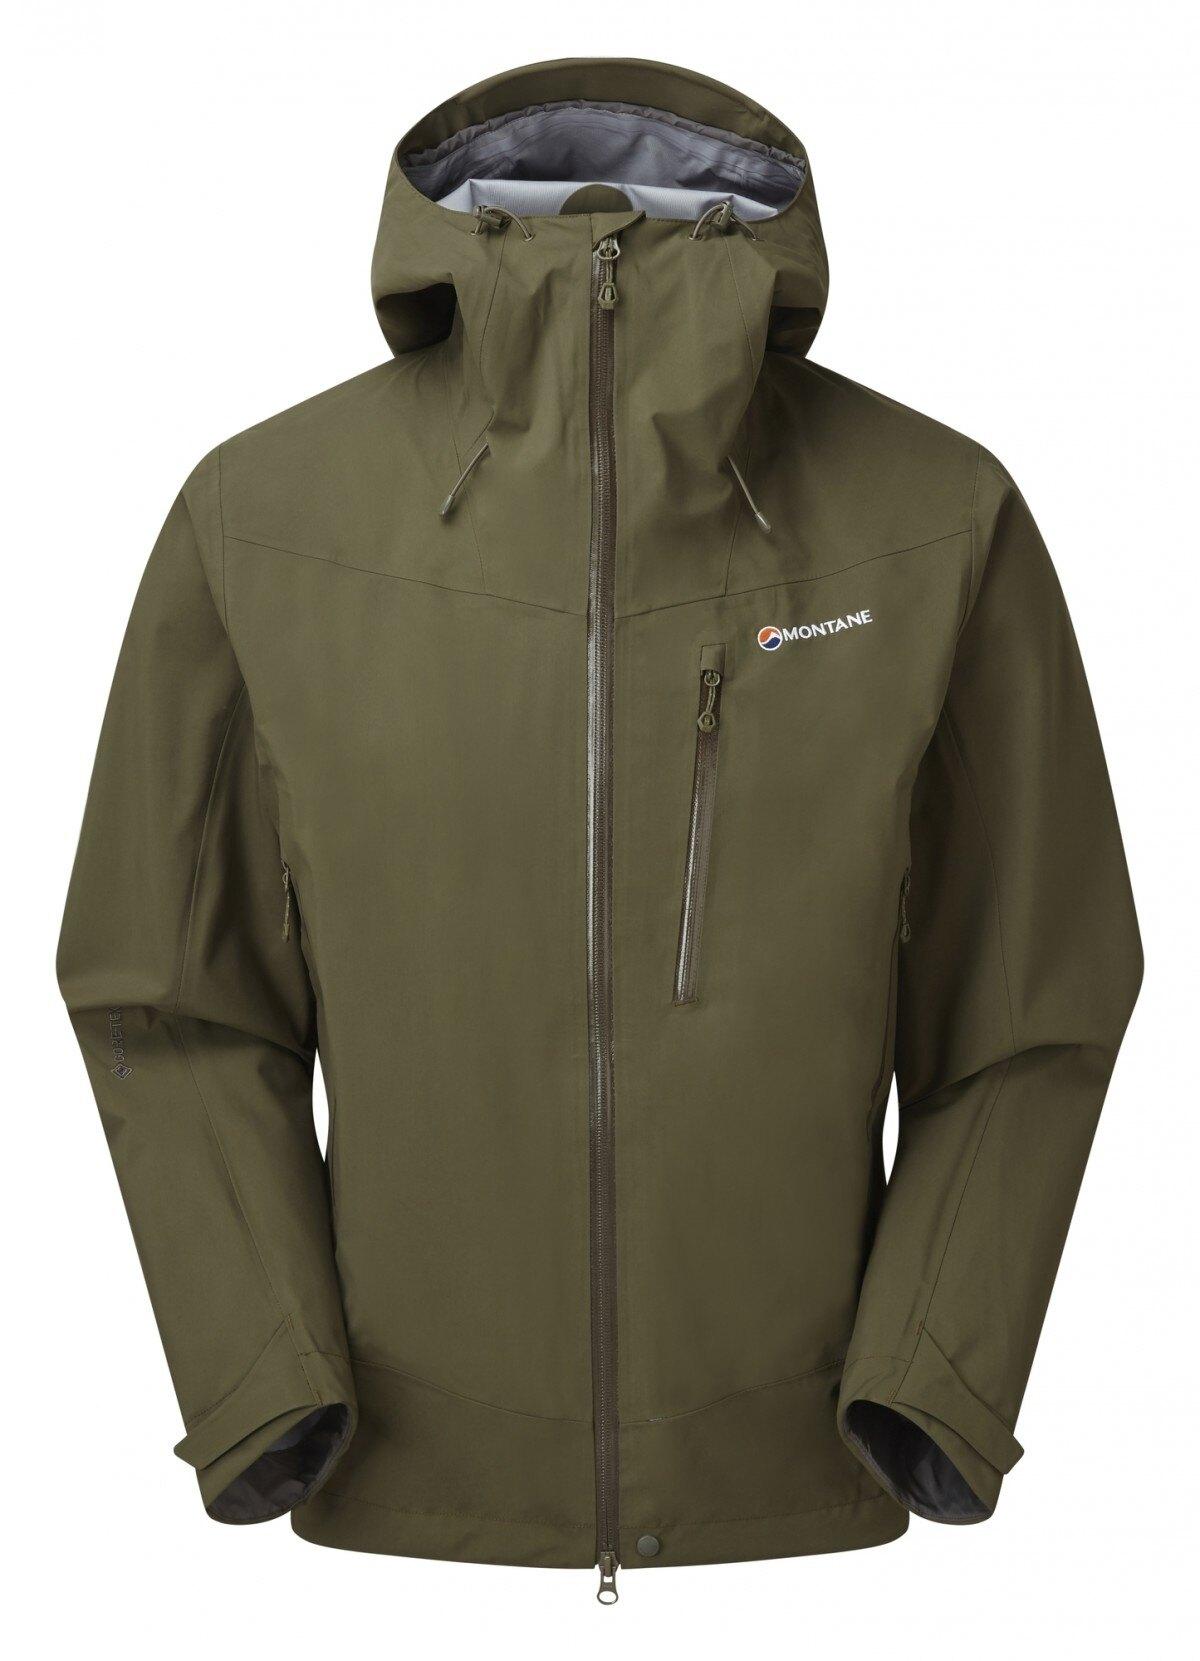 Bunda Alpine Spirit Gore-Tex® Montane® – Zelená (Farba: Zelená, Veľkosť: XXL)